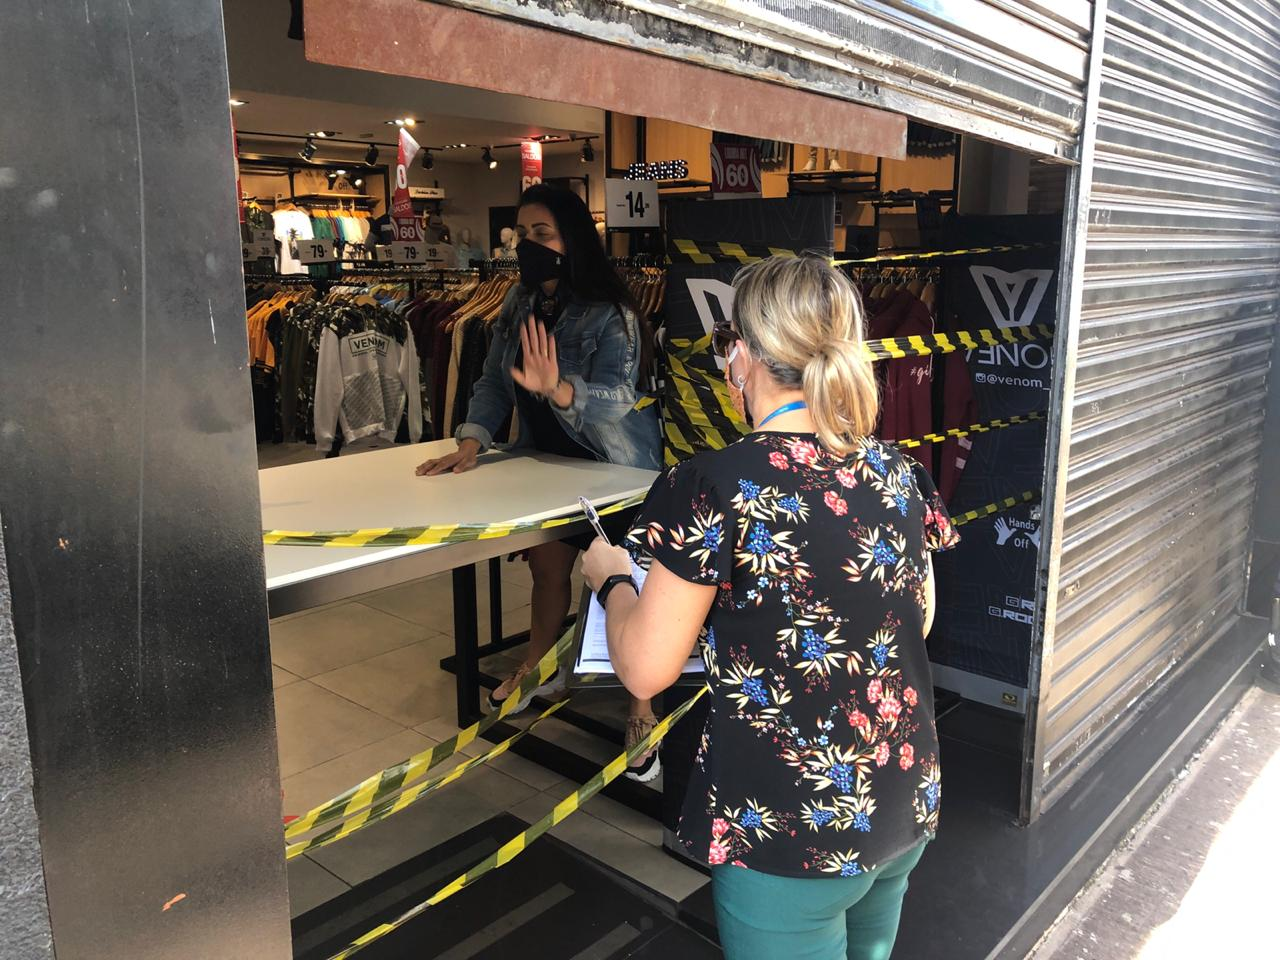 Blitz da prefeitura fecha comércio no centro de Limeira, no interior de SP